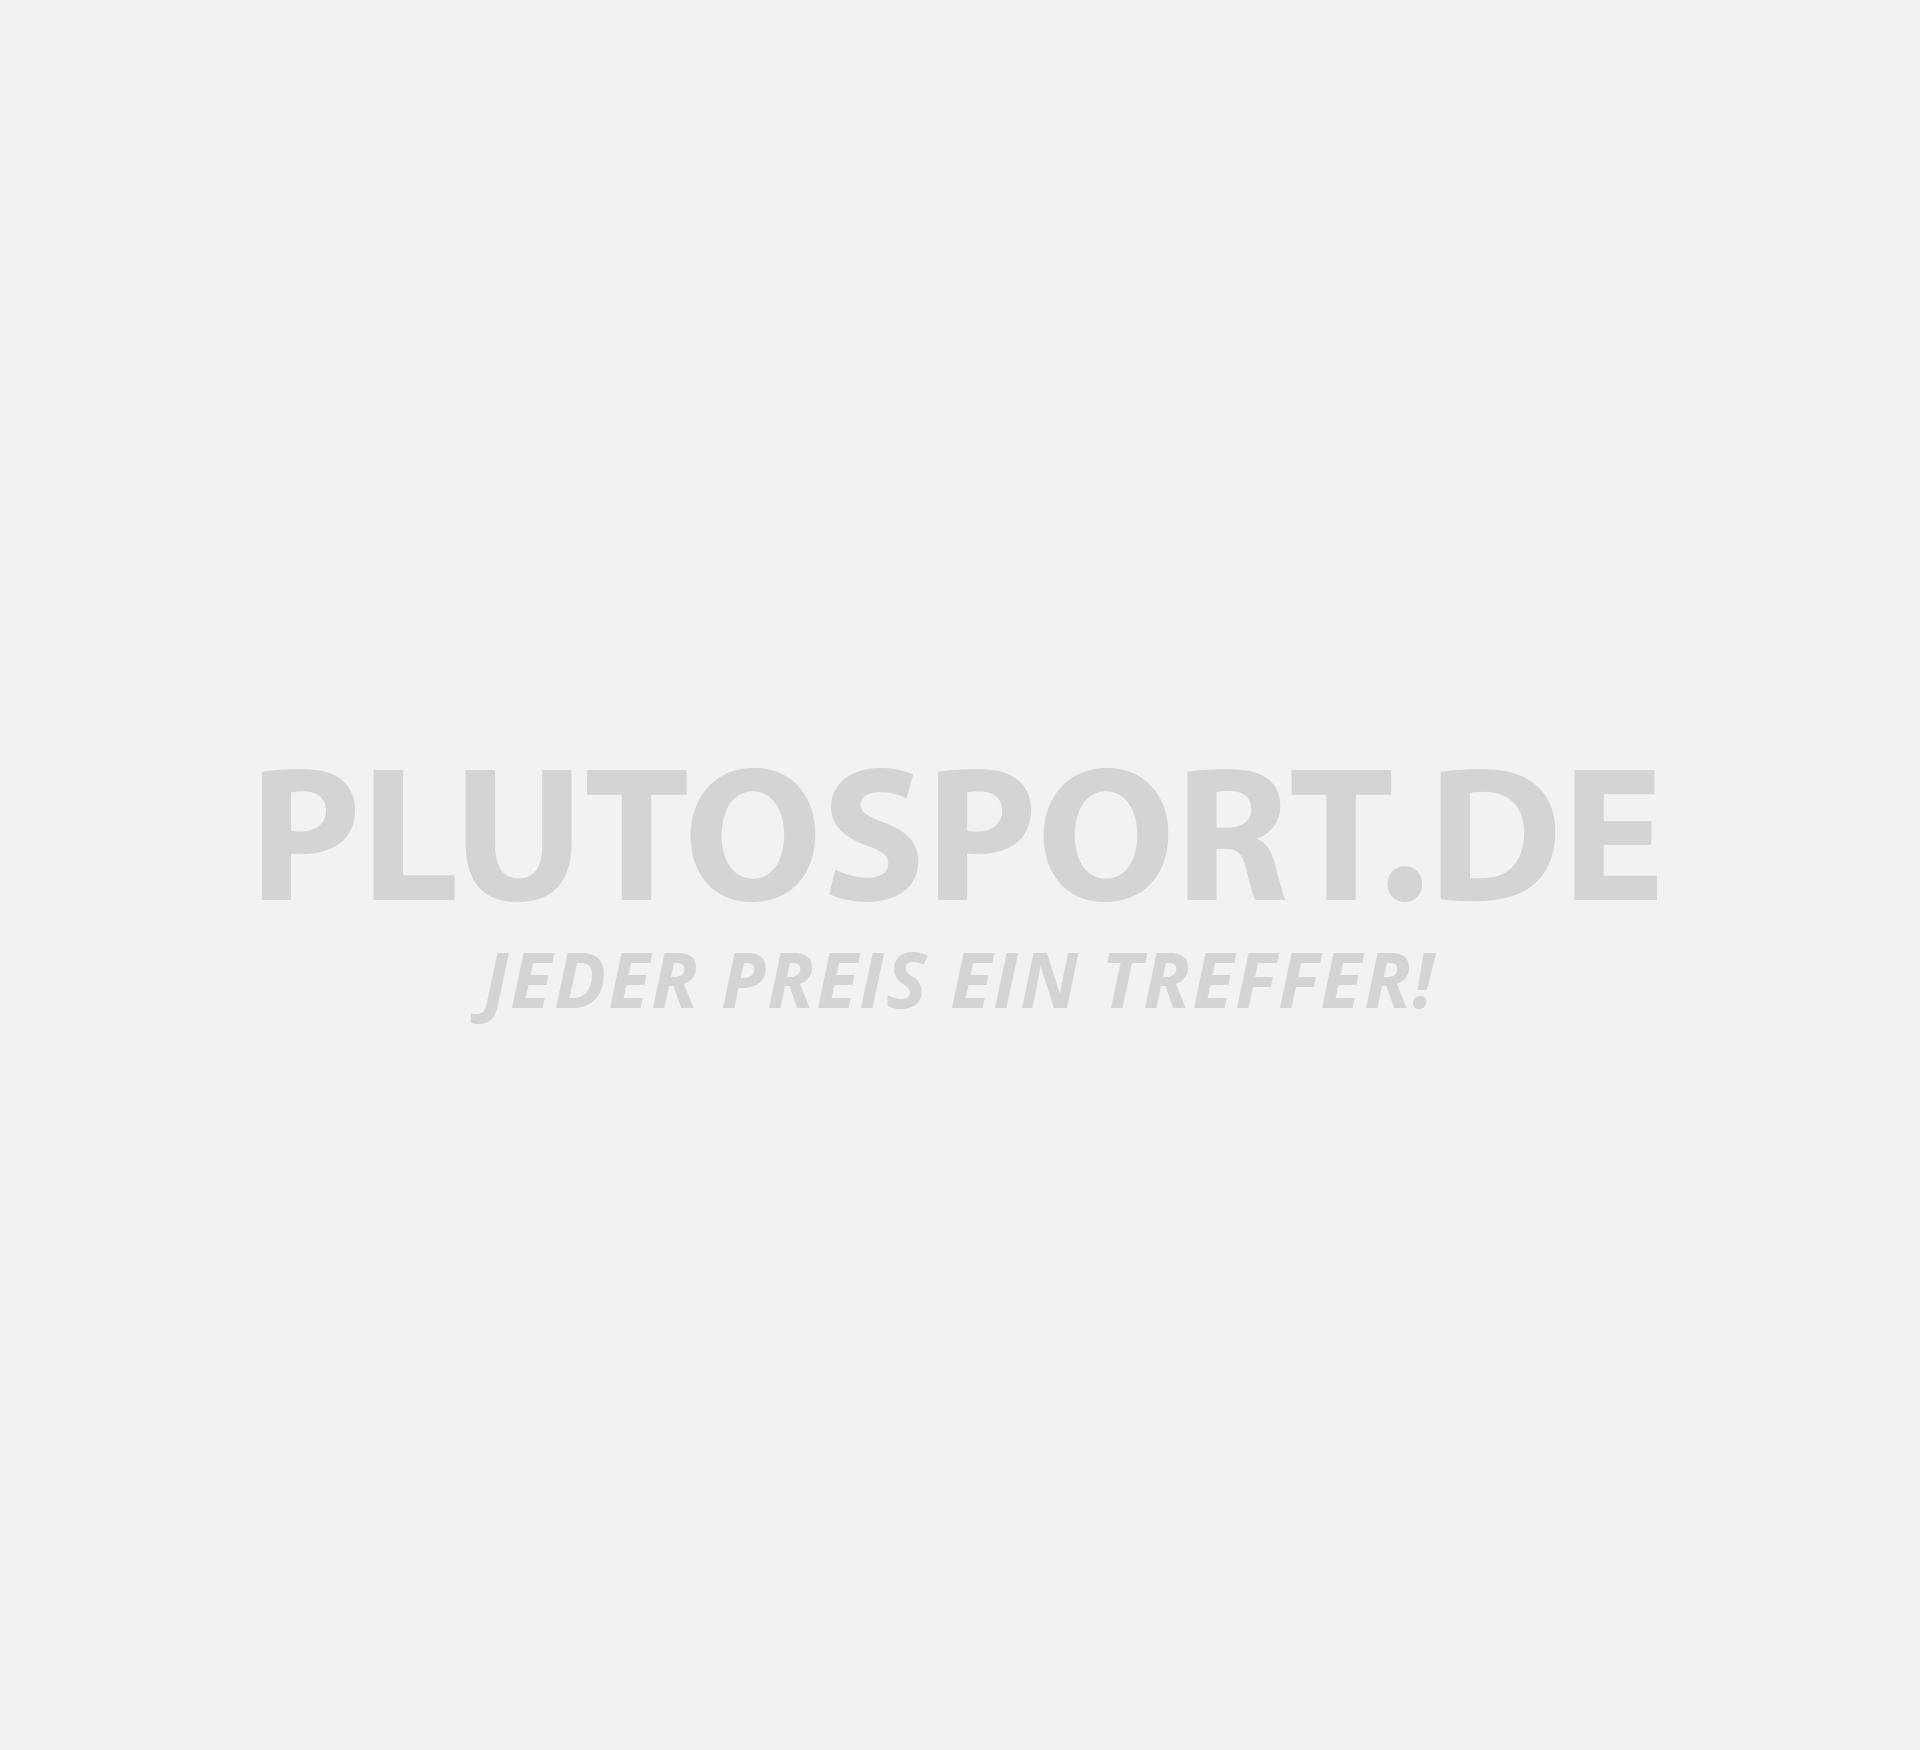 Björn Borg Solids Boxershorts (3er Pack)